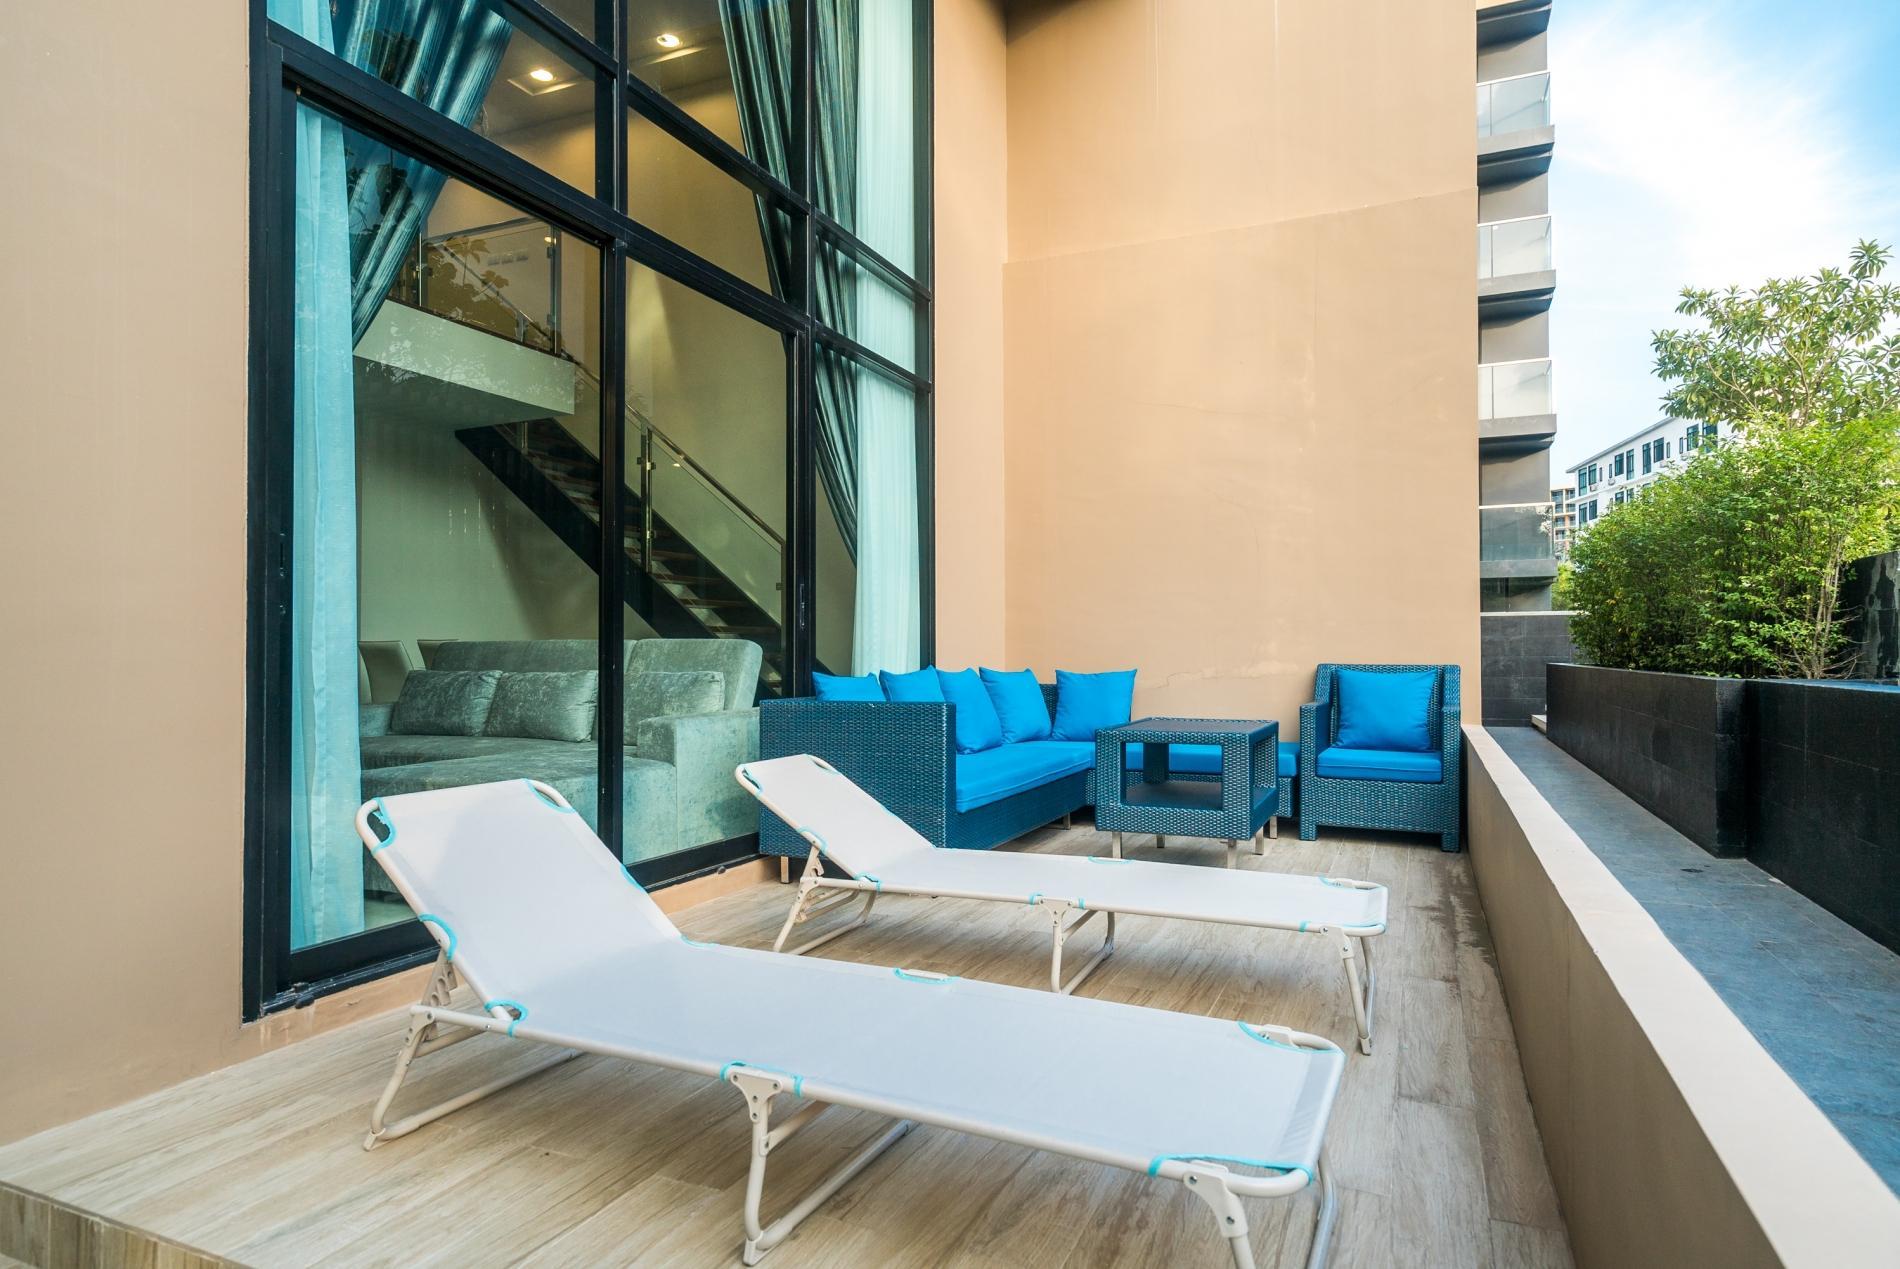 Apartment Aristo 216 - Pool access duplex in Surin condo for 4 people photo 20185313